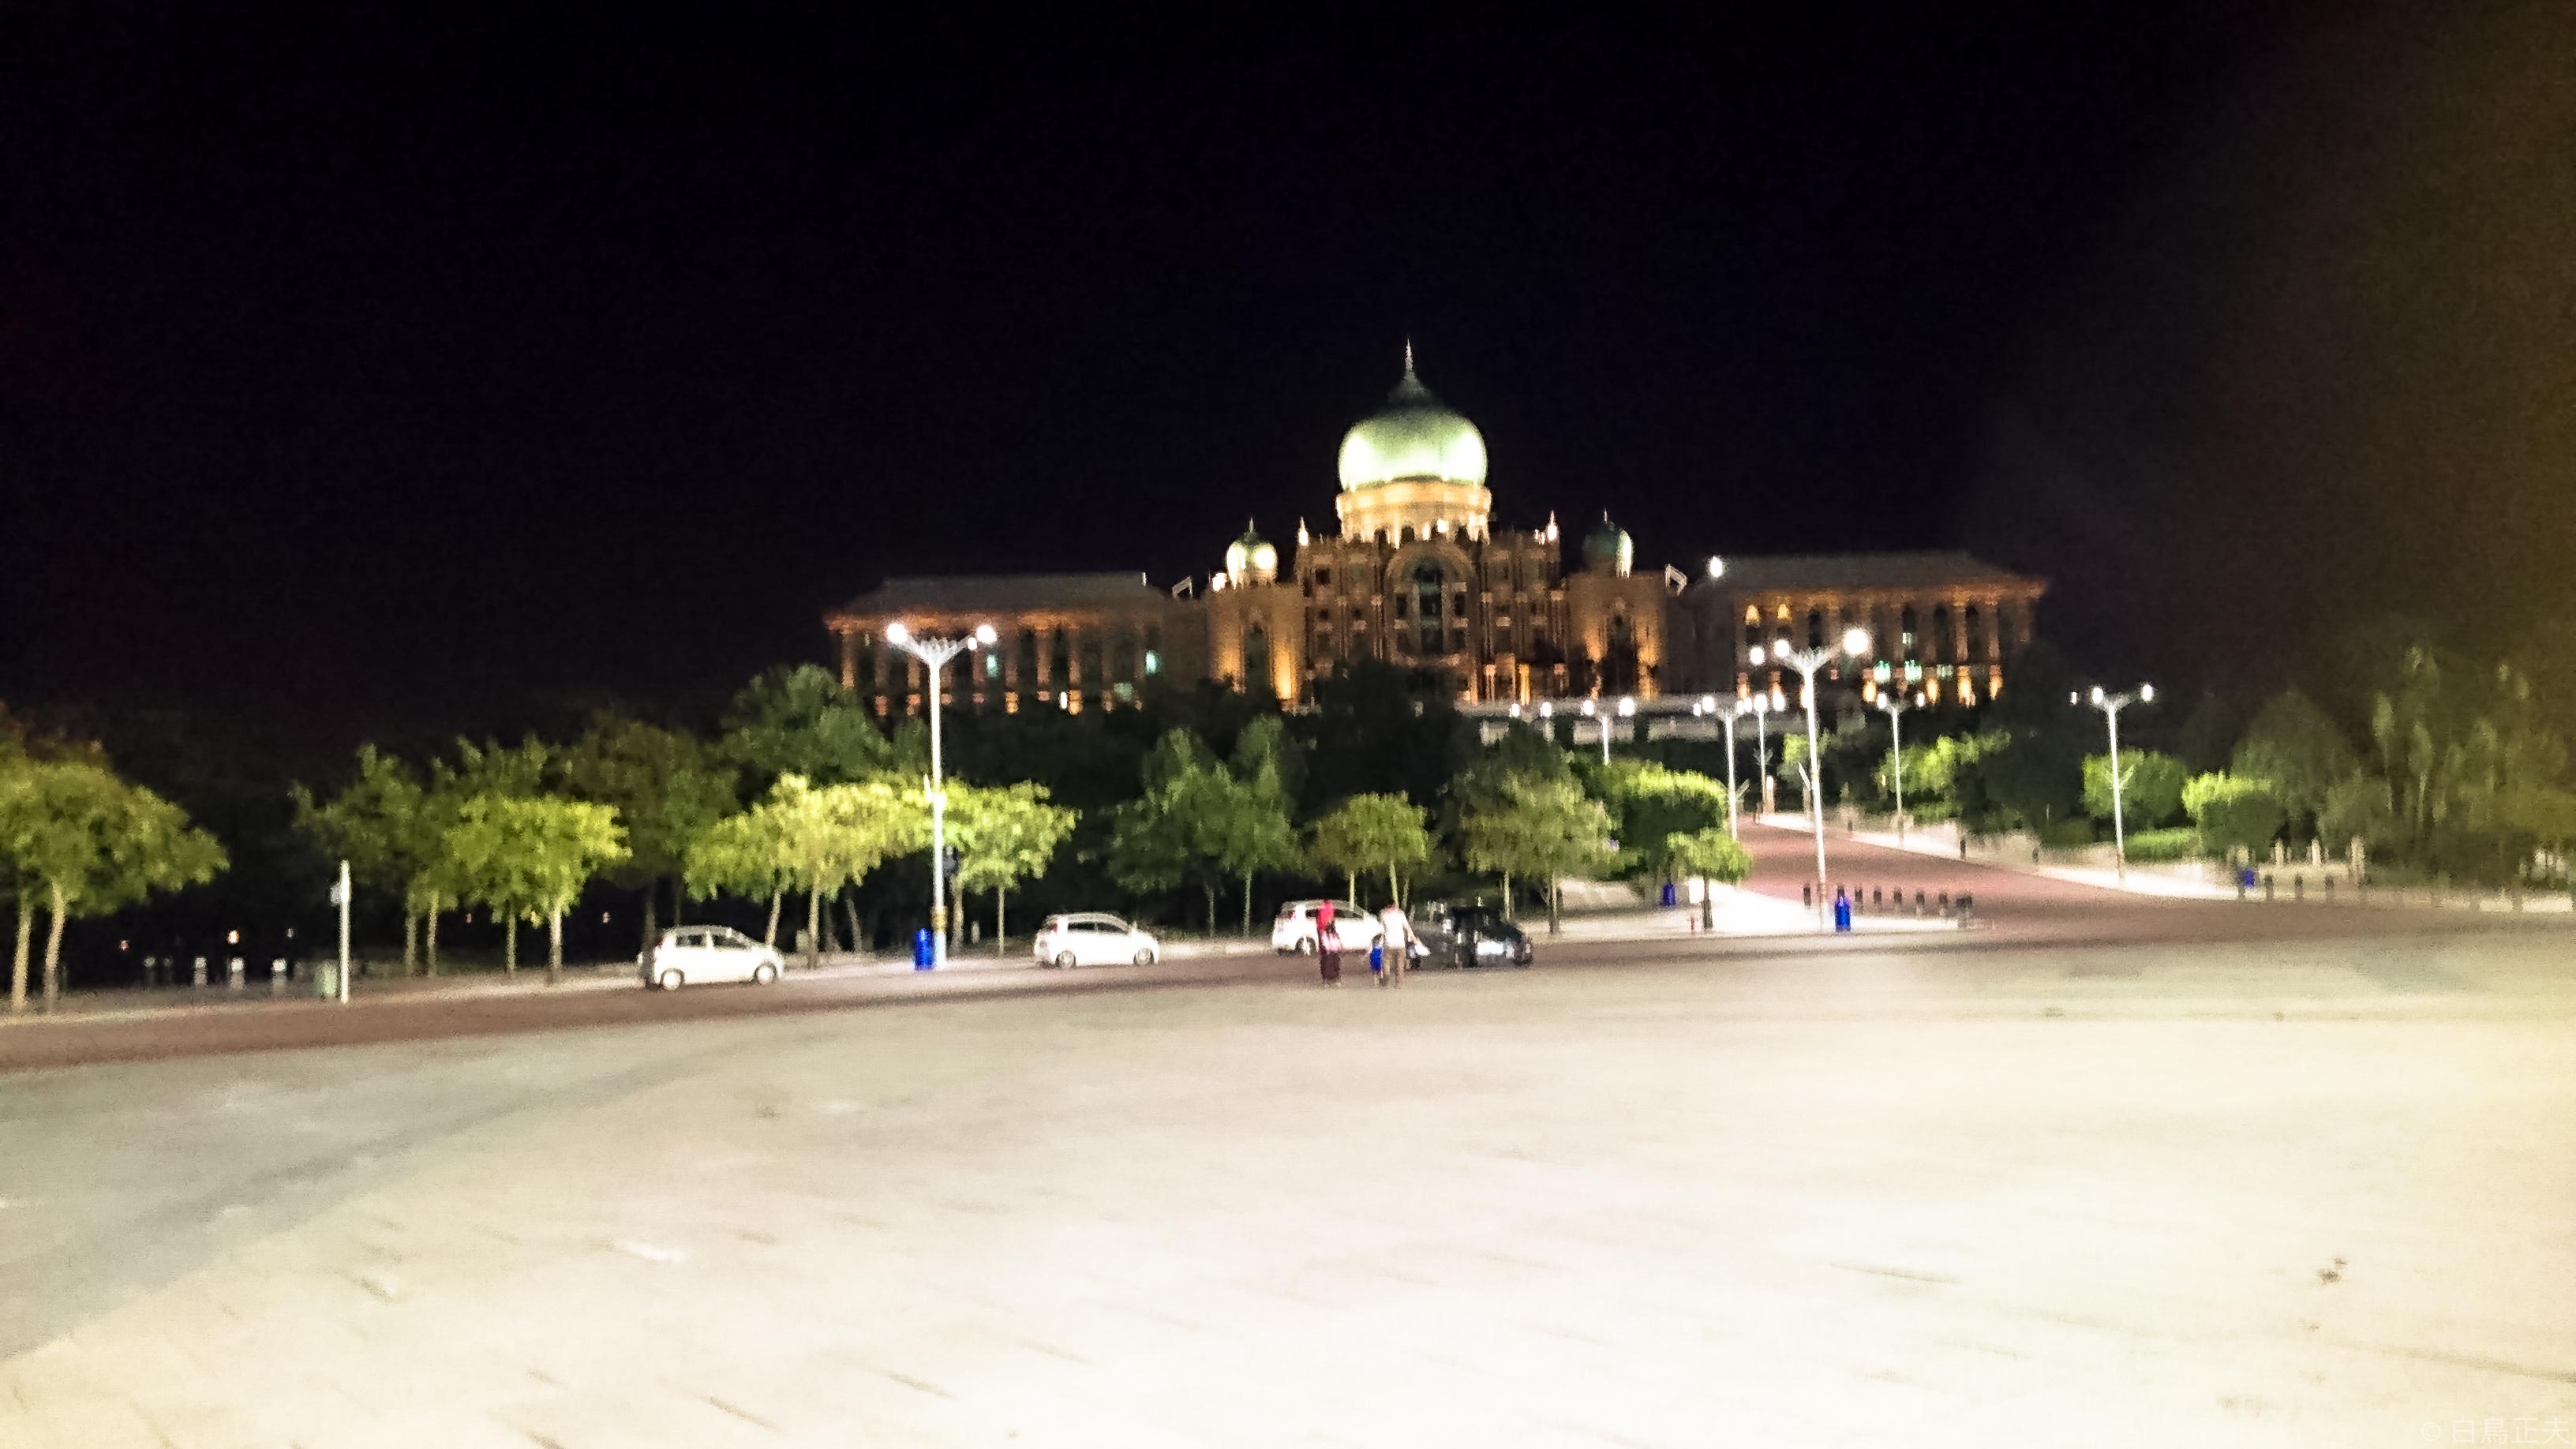 連邦政府直轄地に移設された首相官邸